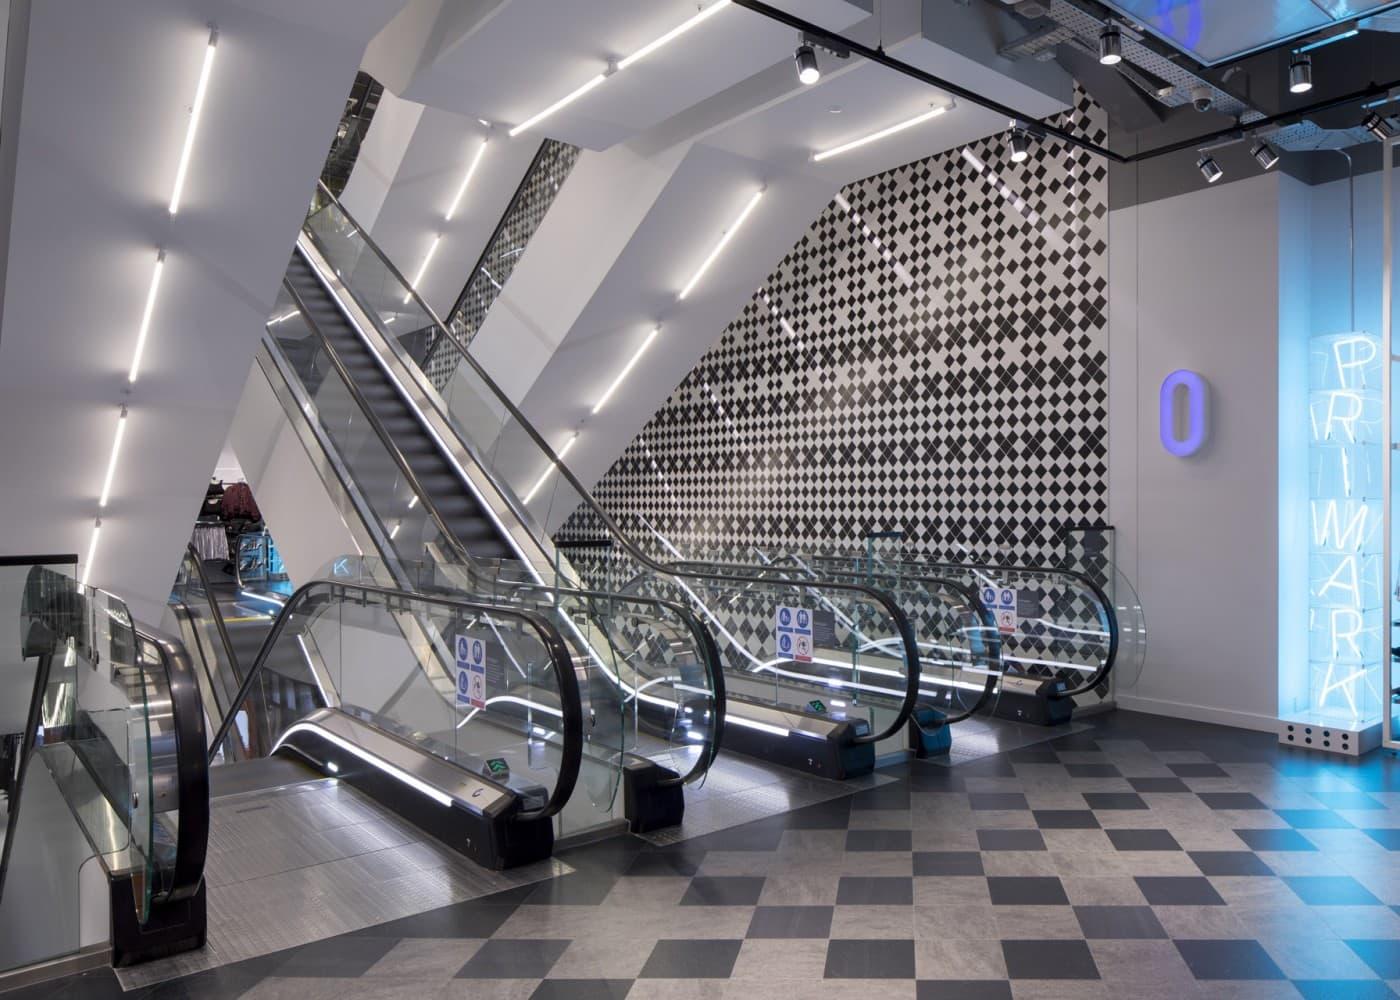 retail lighting design: Primark Amsterdam escalators